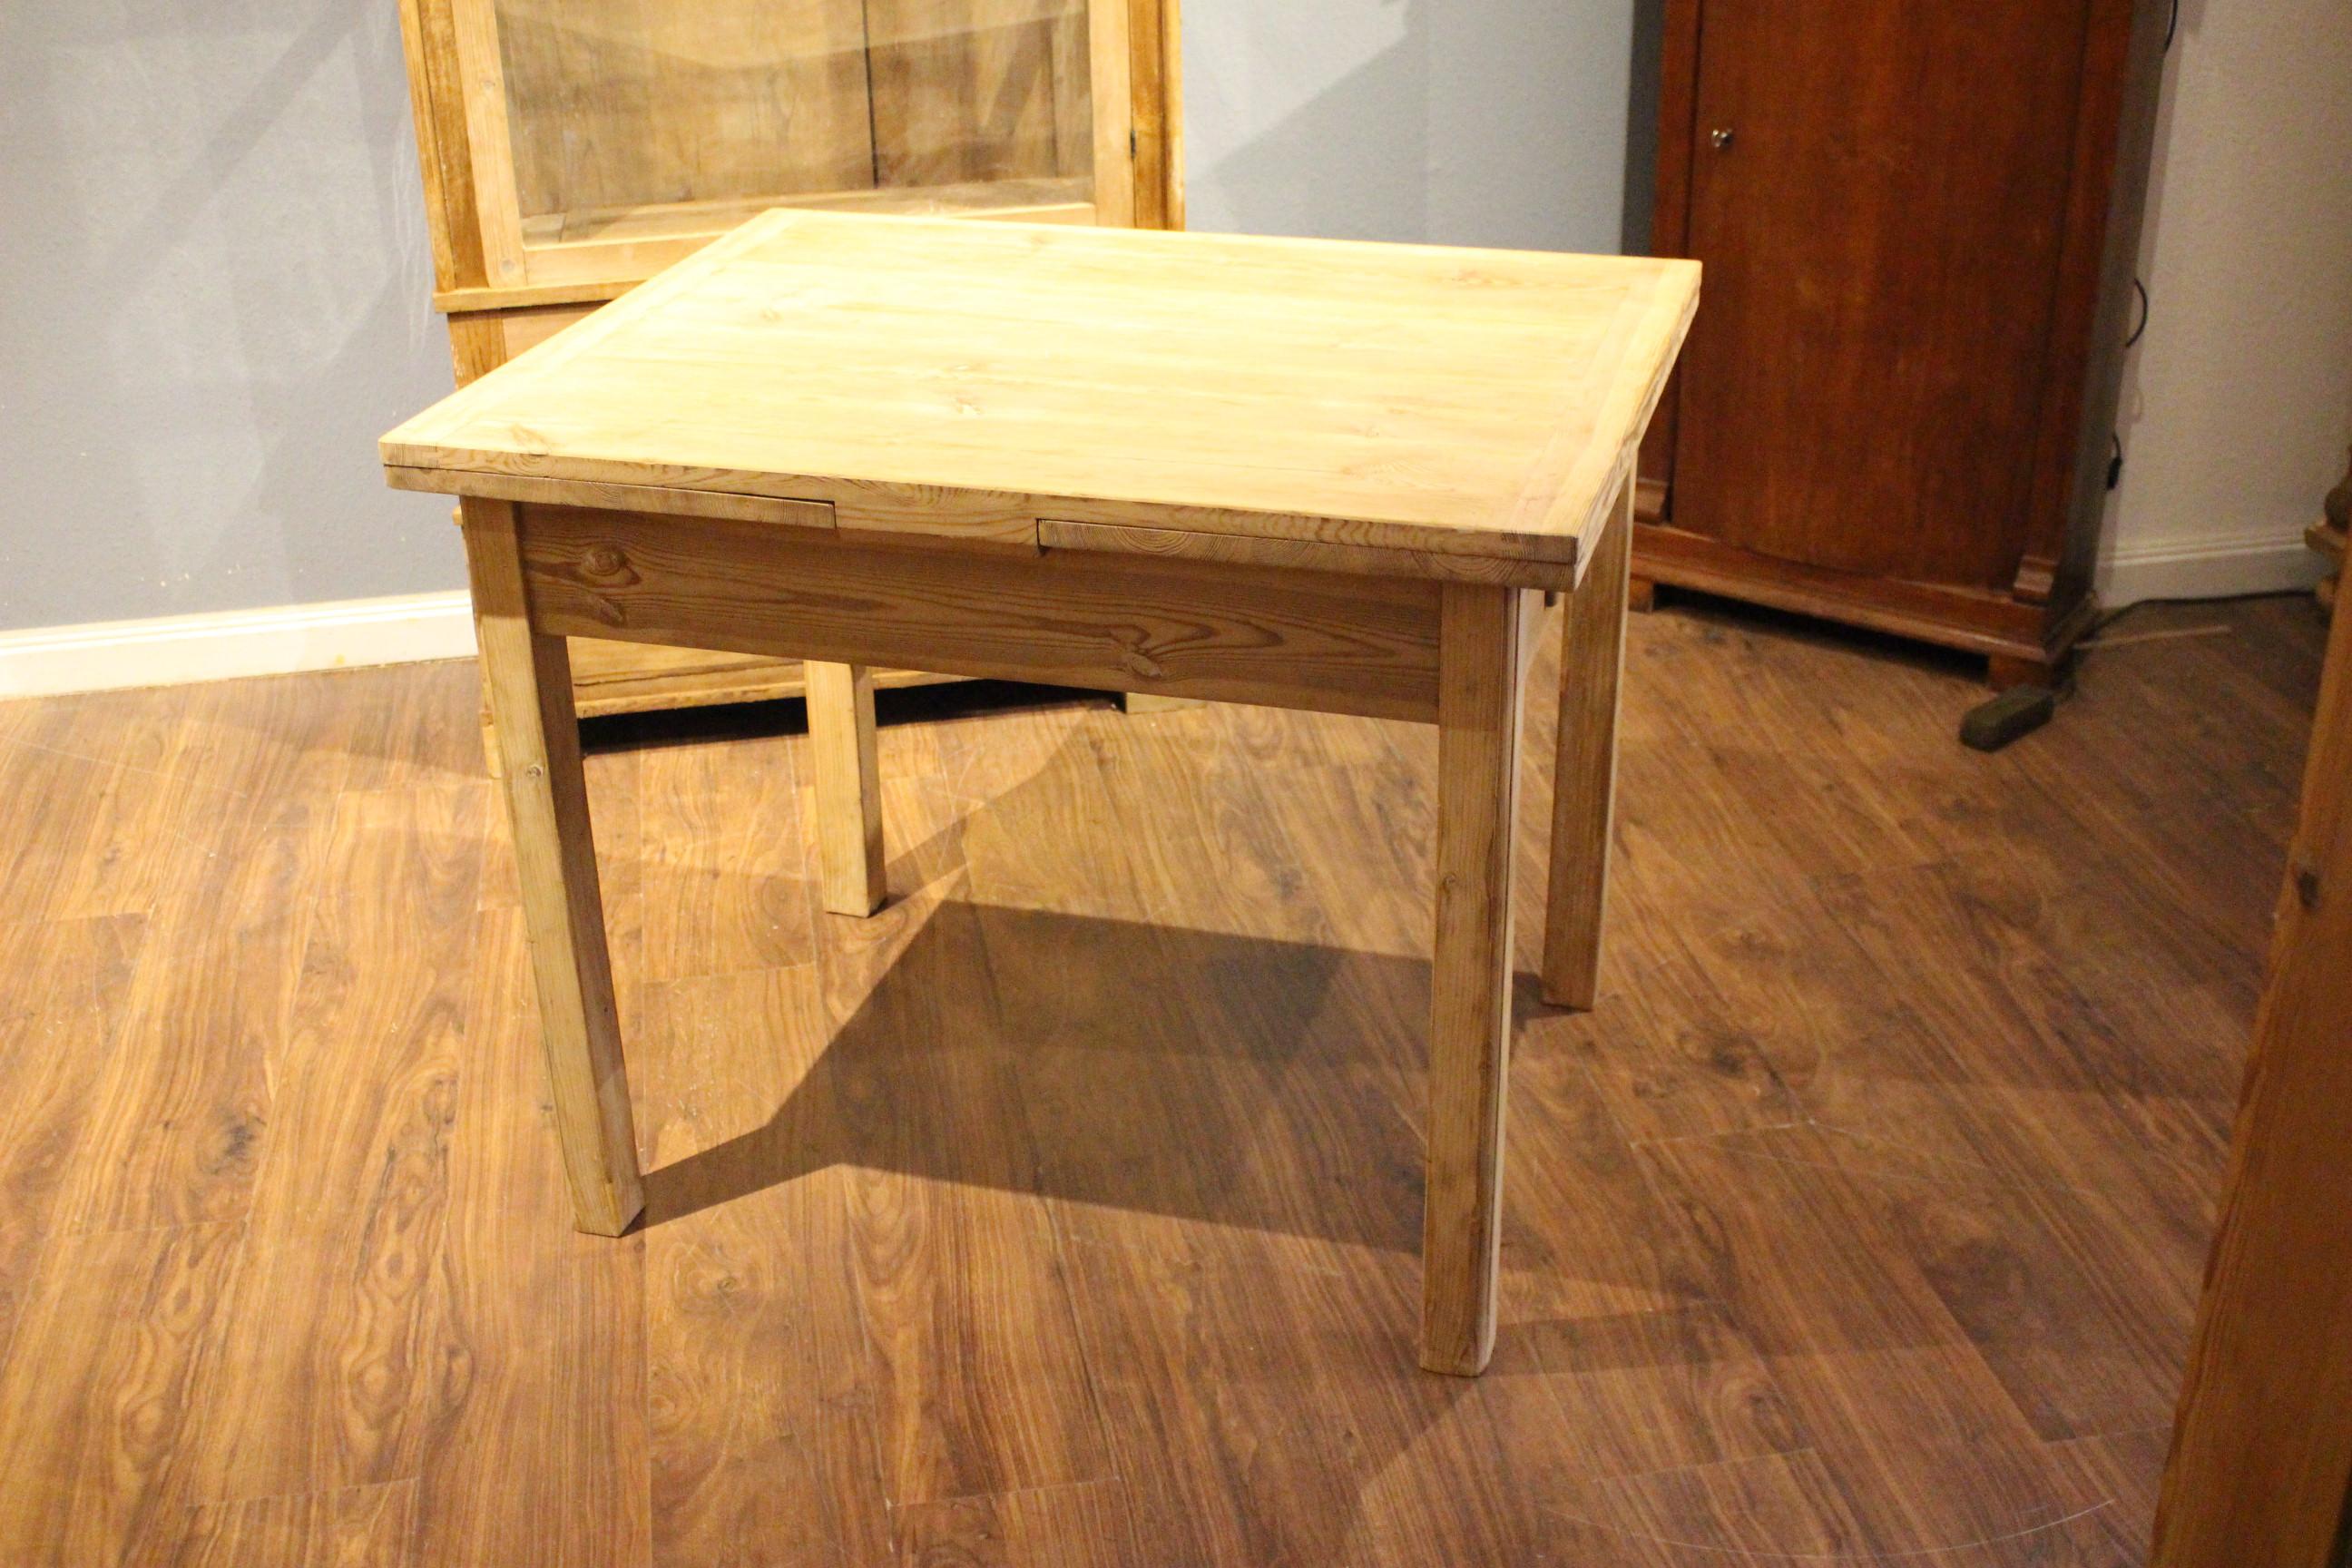 Esstisch, Küchentisch ausziehbar Bauhaus  (Art.-Nr.: 03875)